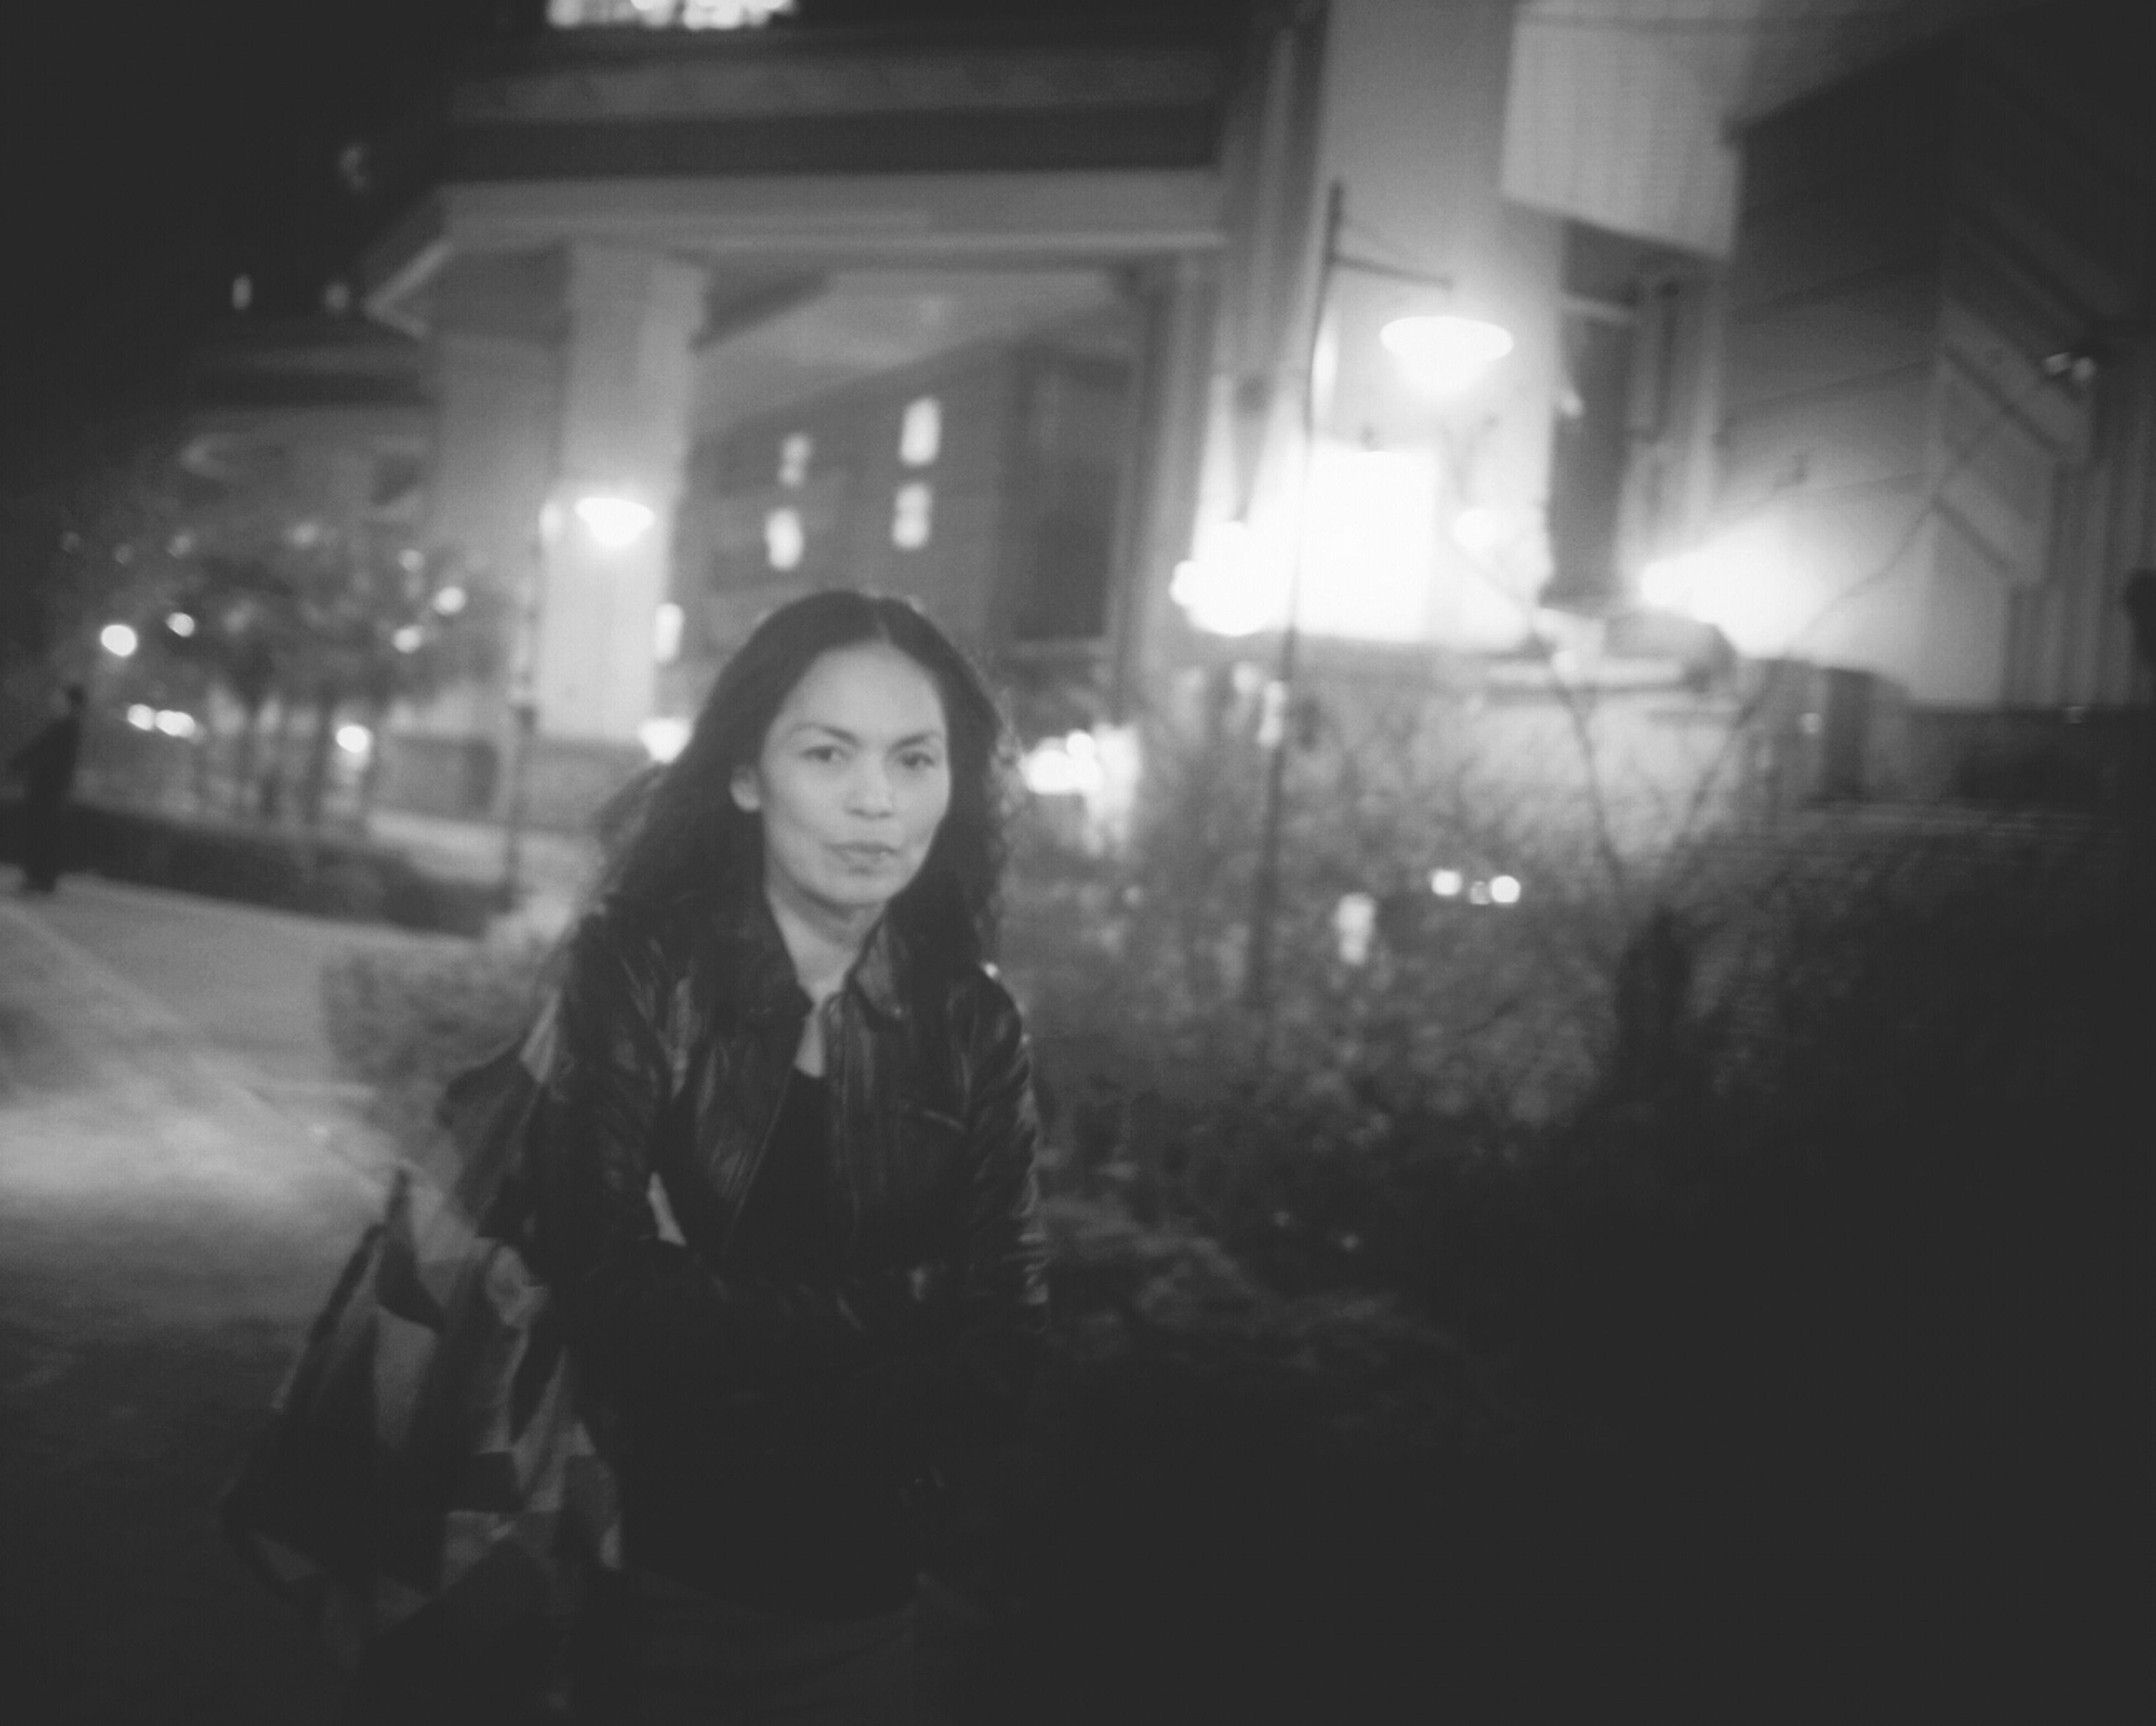 Black And White Black & White Street Portrait Monochrome